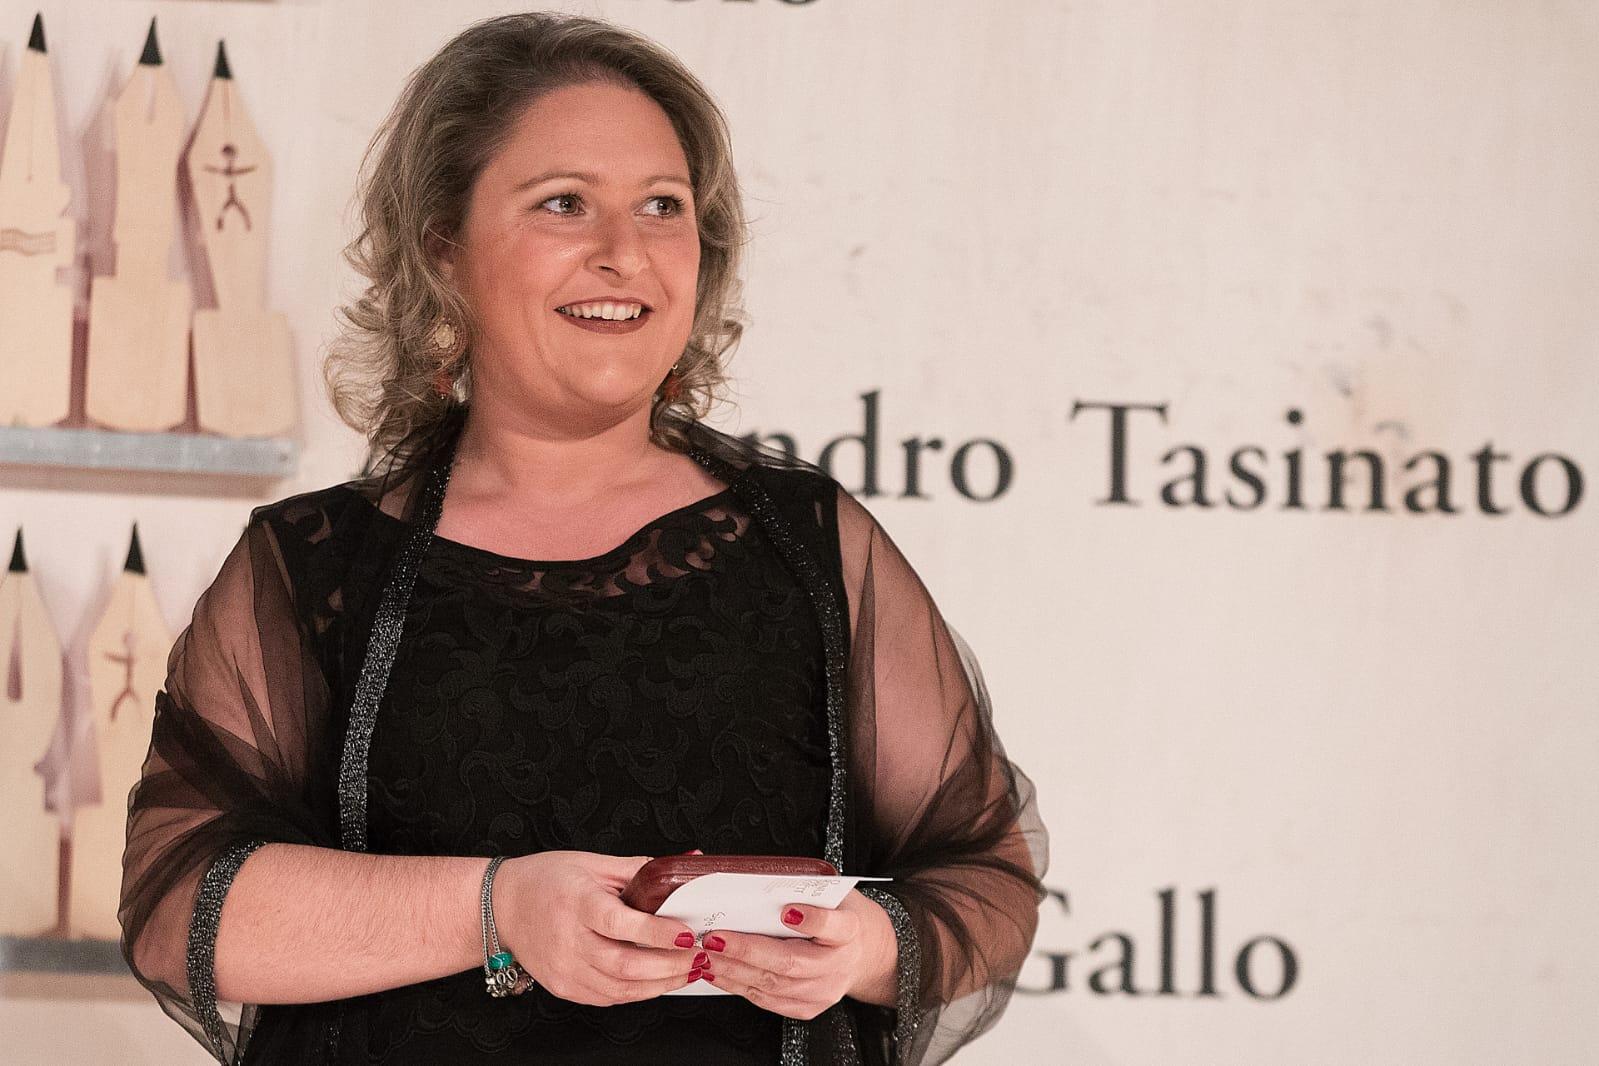 Francesca Gallo rappresenta CNA nel Comitato per l'Imprenditoria femminile della Camera di Commercio